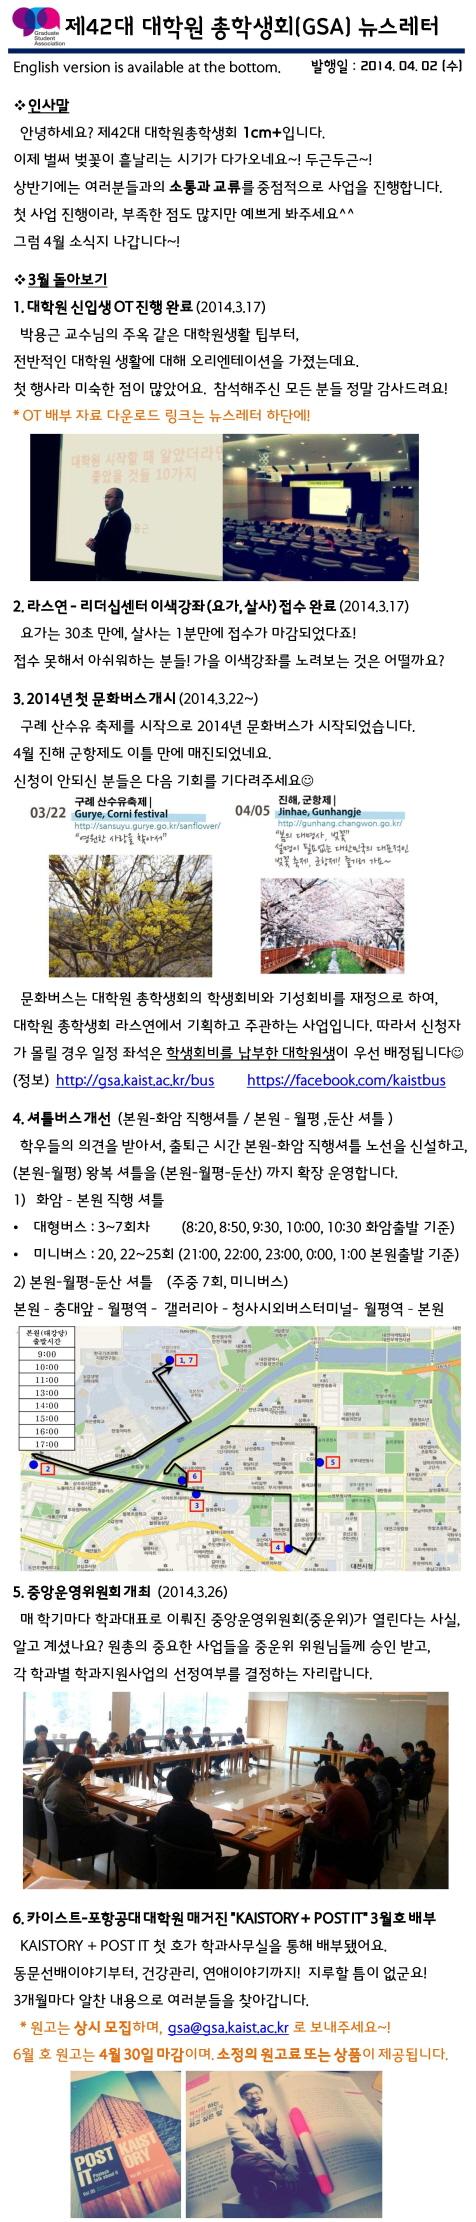 2014-04_1.jpg